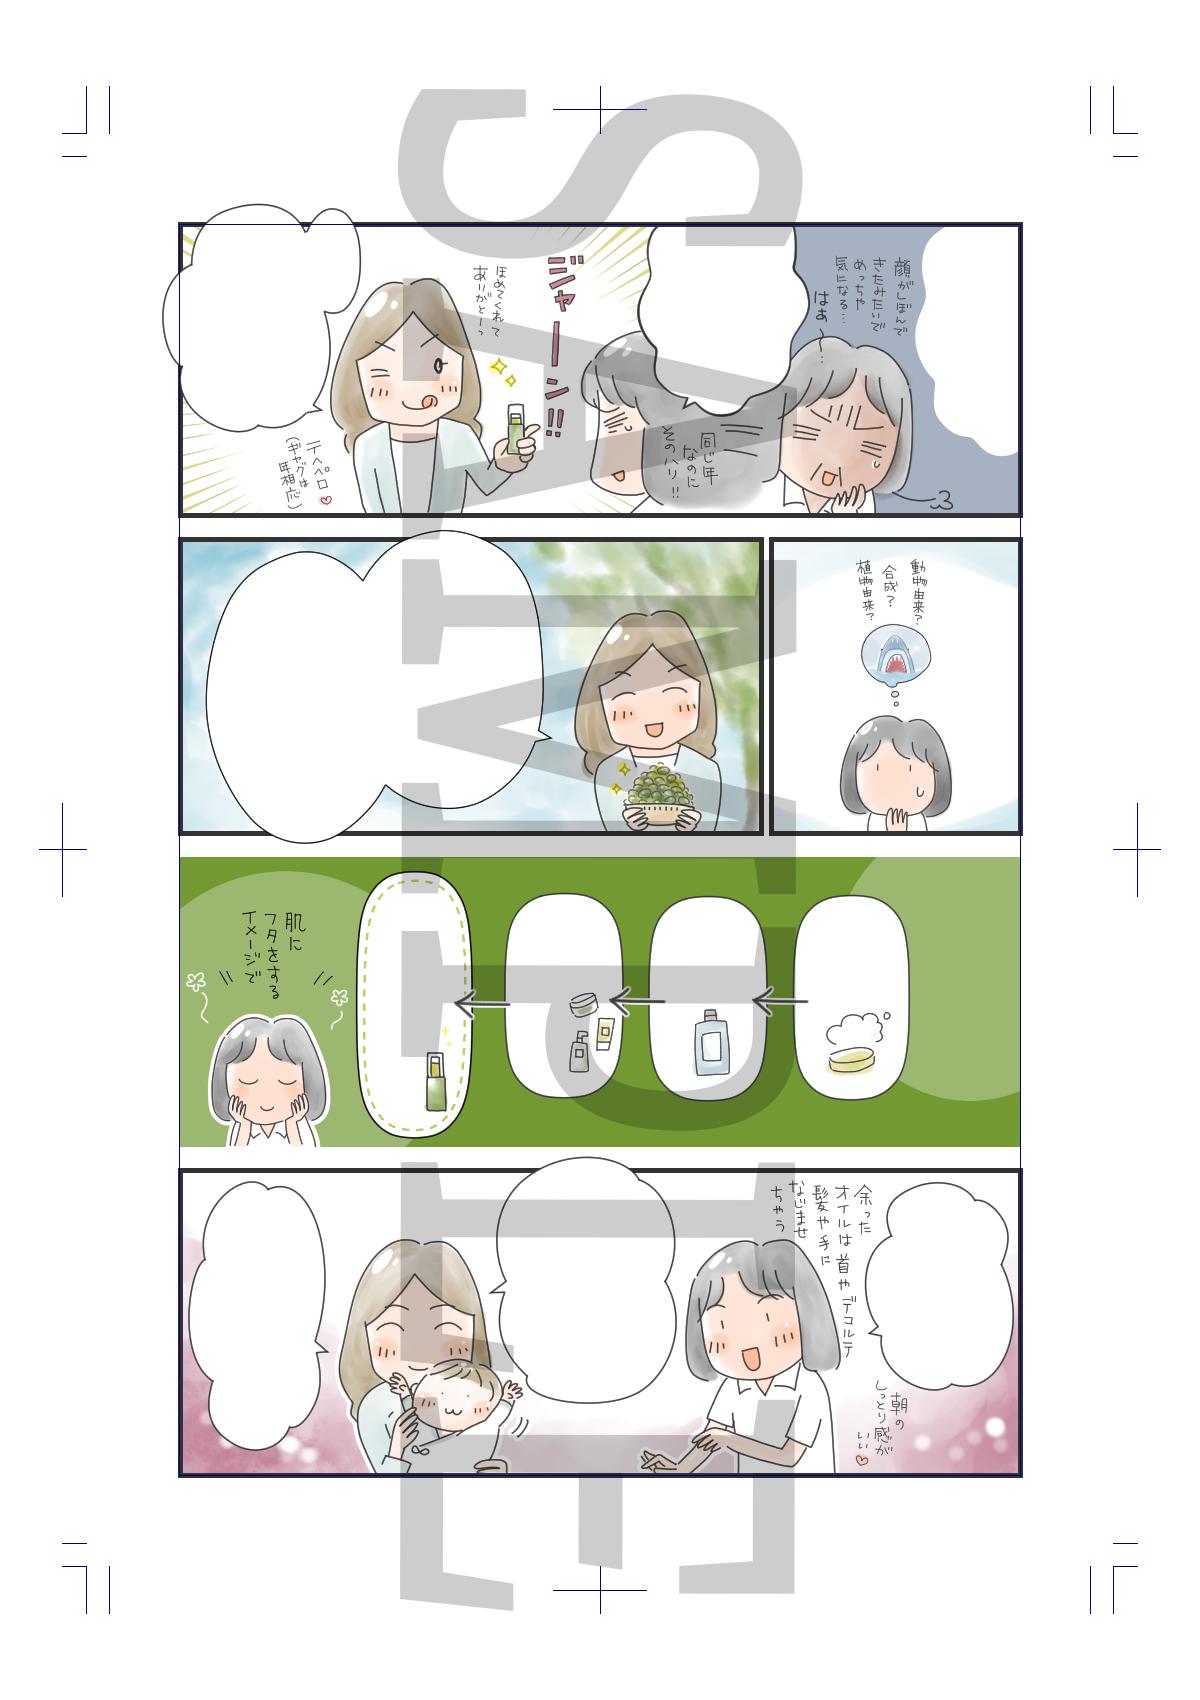 新鮮、ナチュラル。日本オリーブの基礎化粧品 公式オンラインショップ【日本オリーブ株式会社 Nippon Olive Co.,Ltd.】様 / 1ページ漫画制作